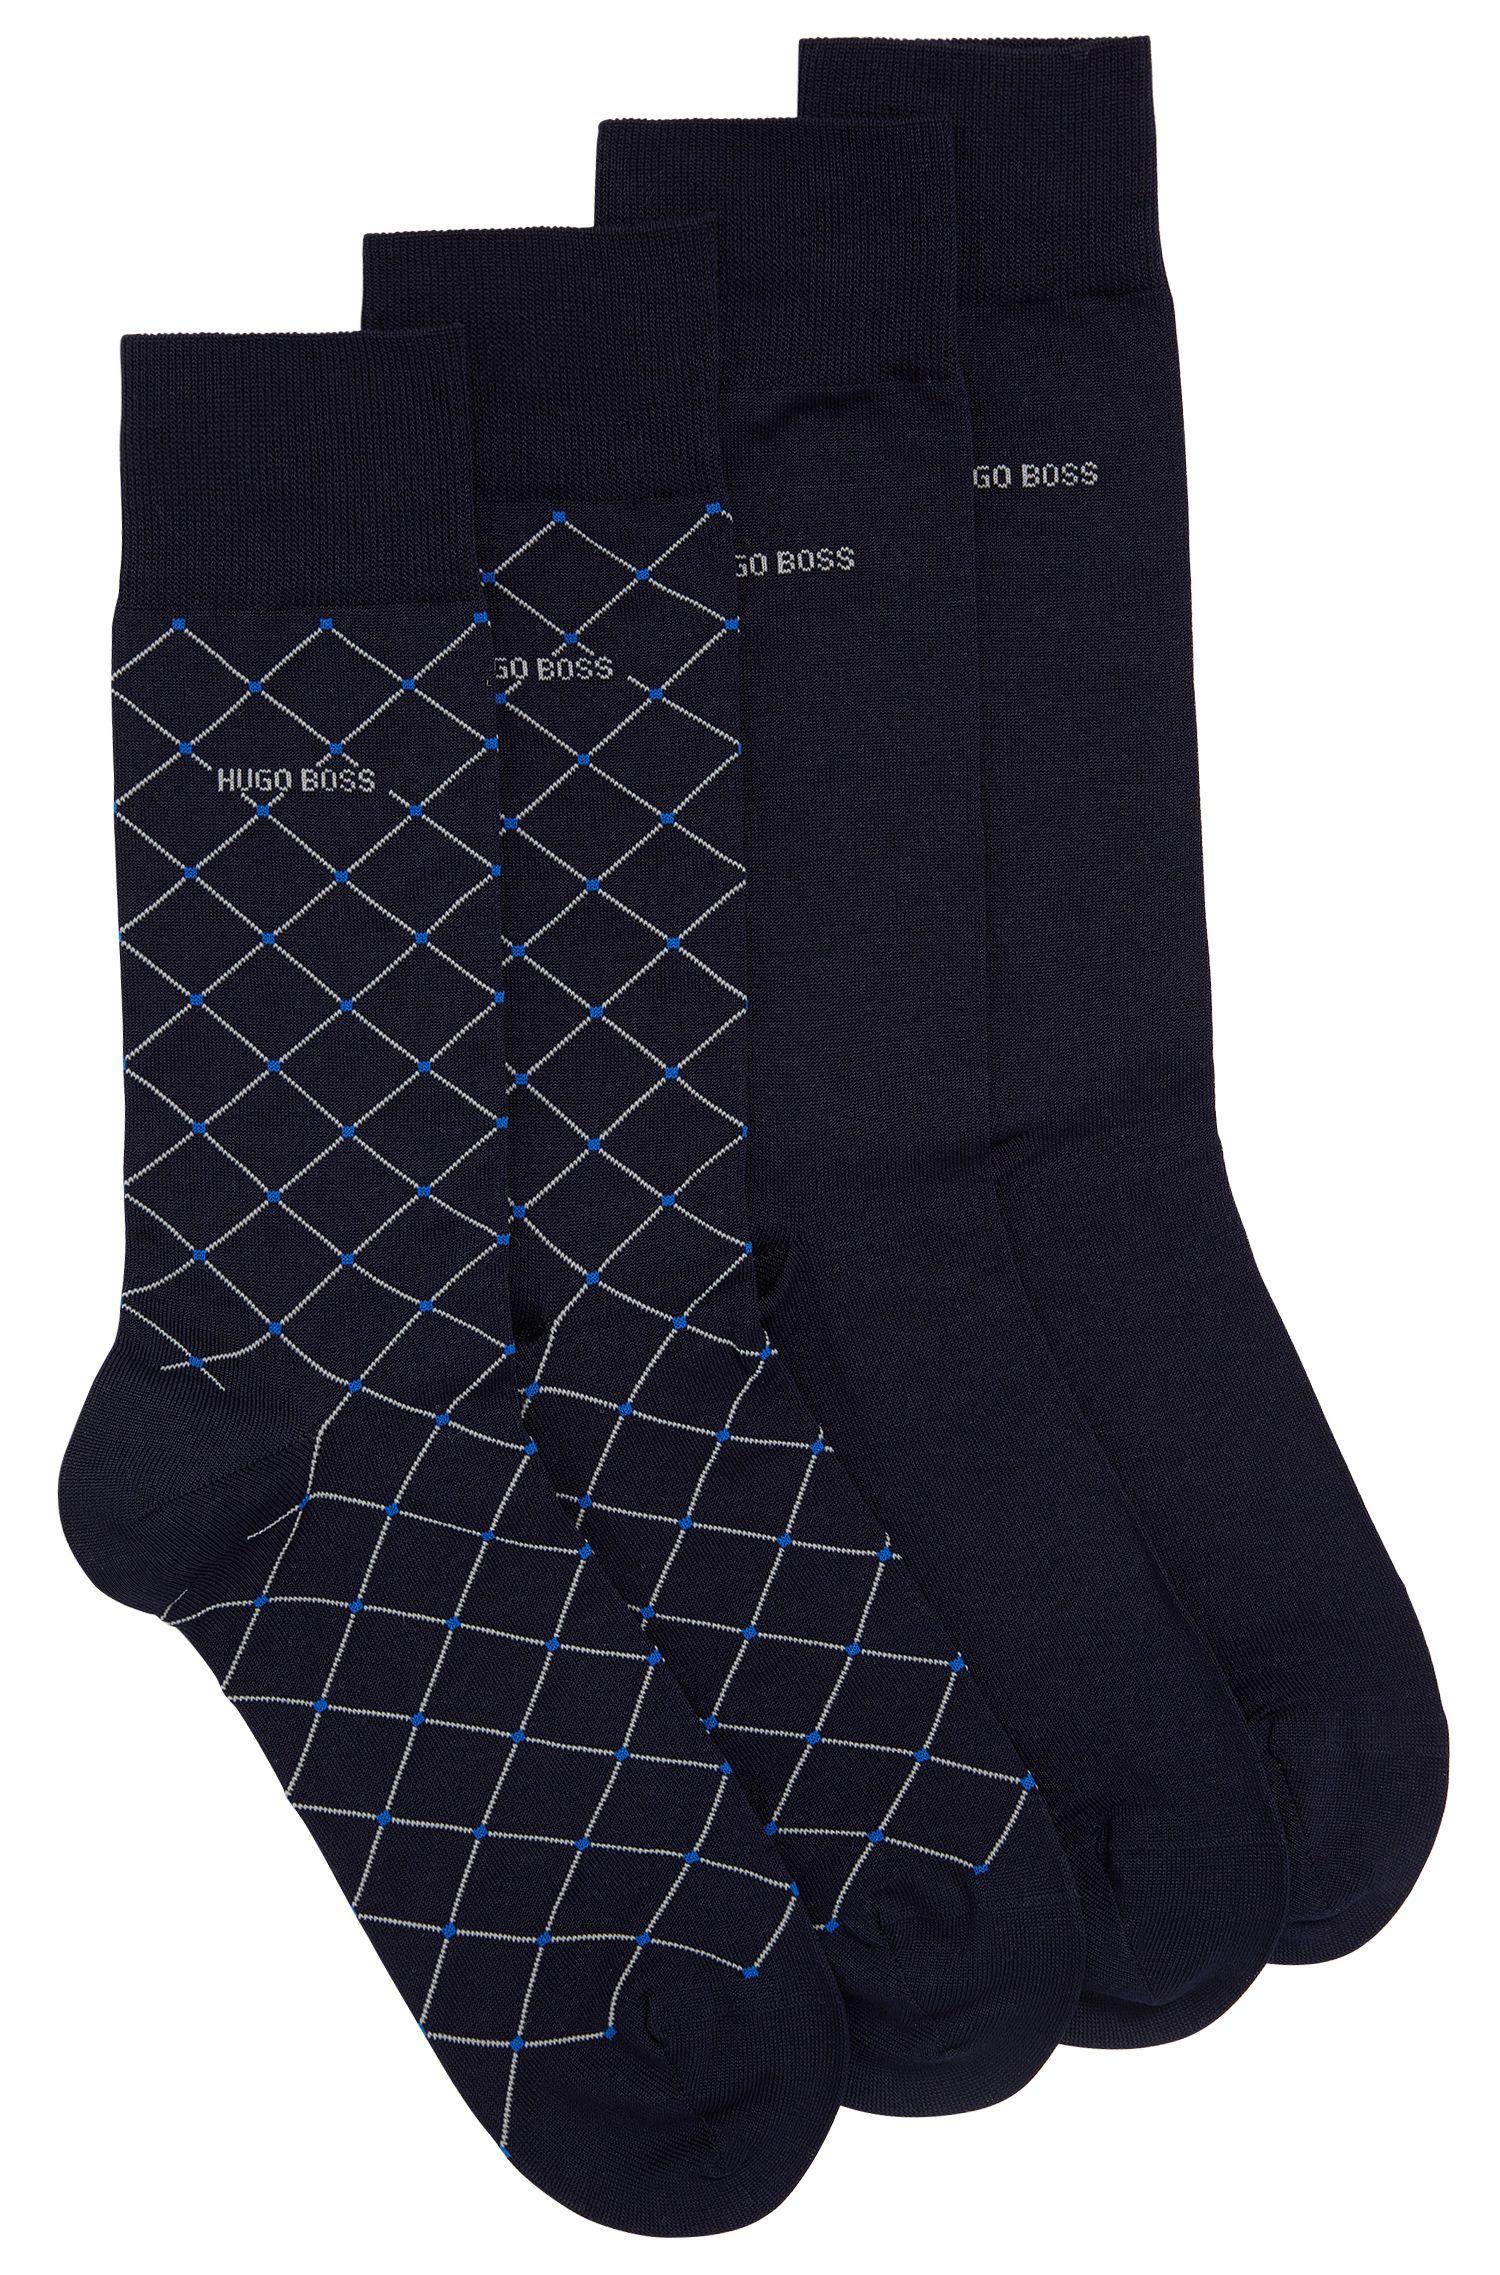 Two-pack of regular-length socks in mercerised cotton blend